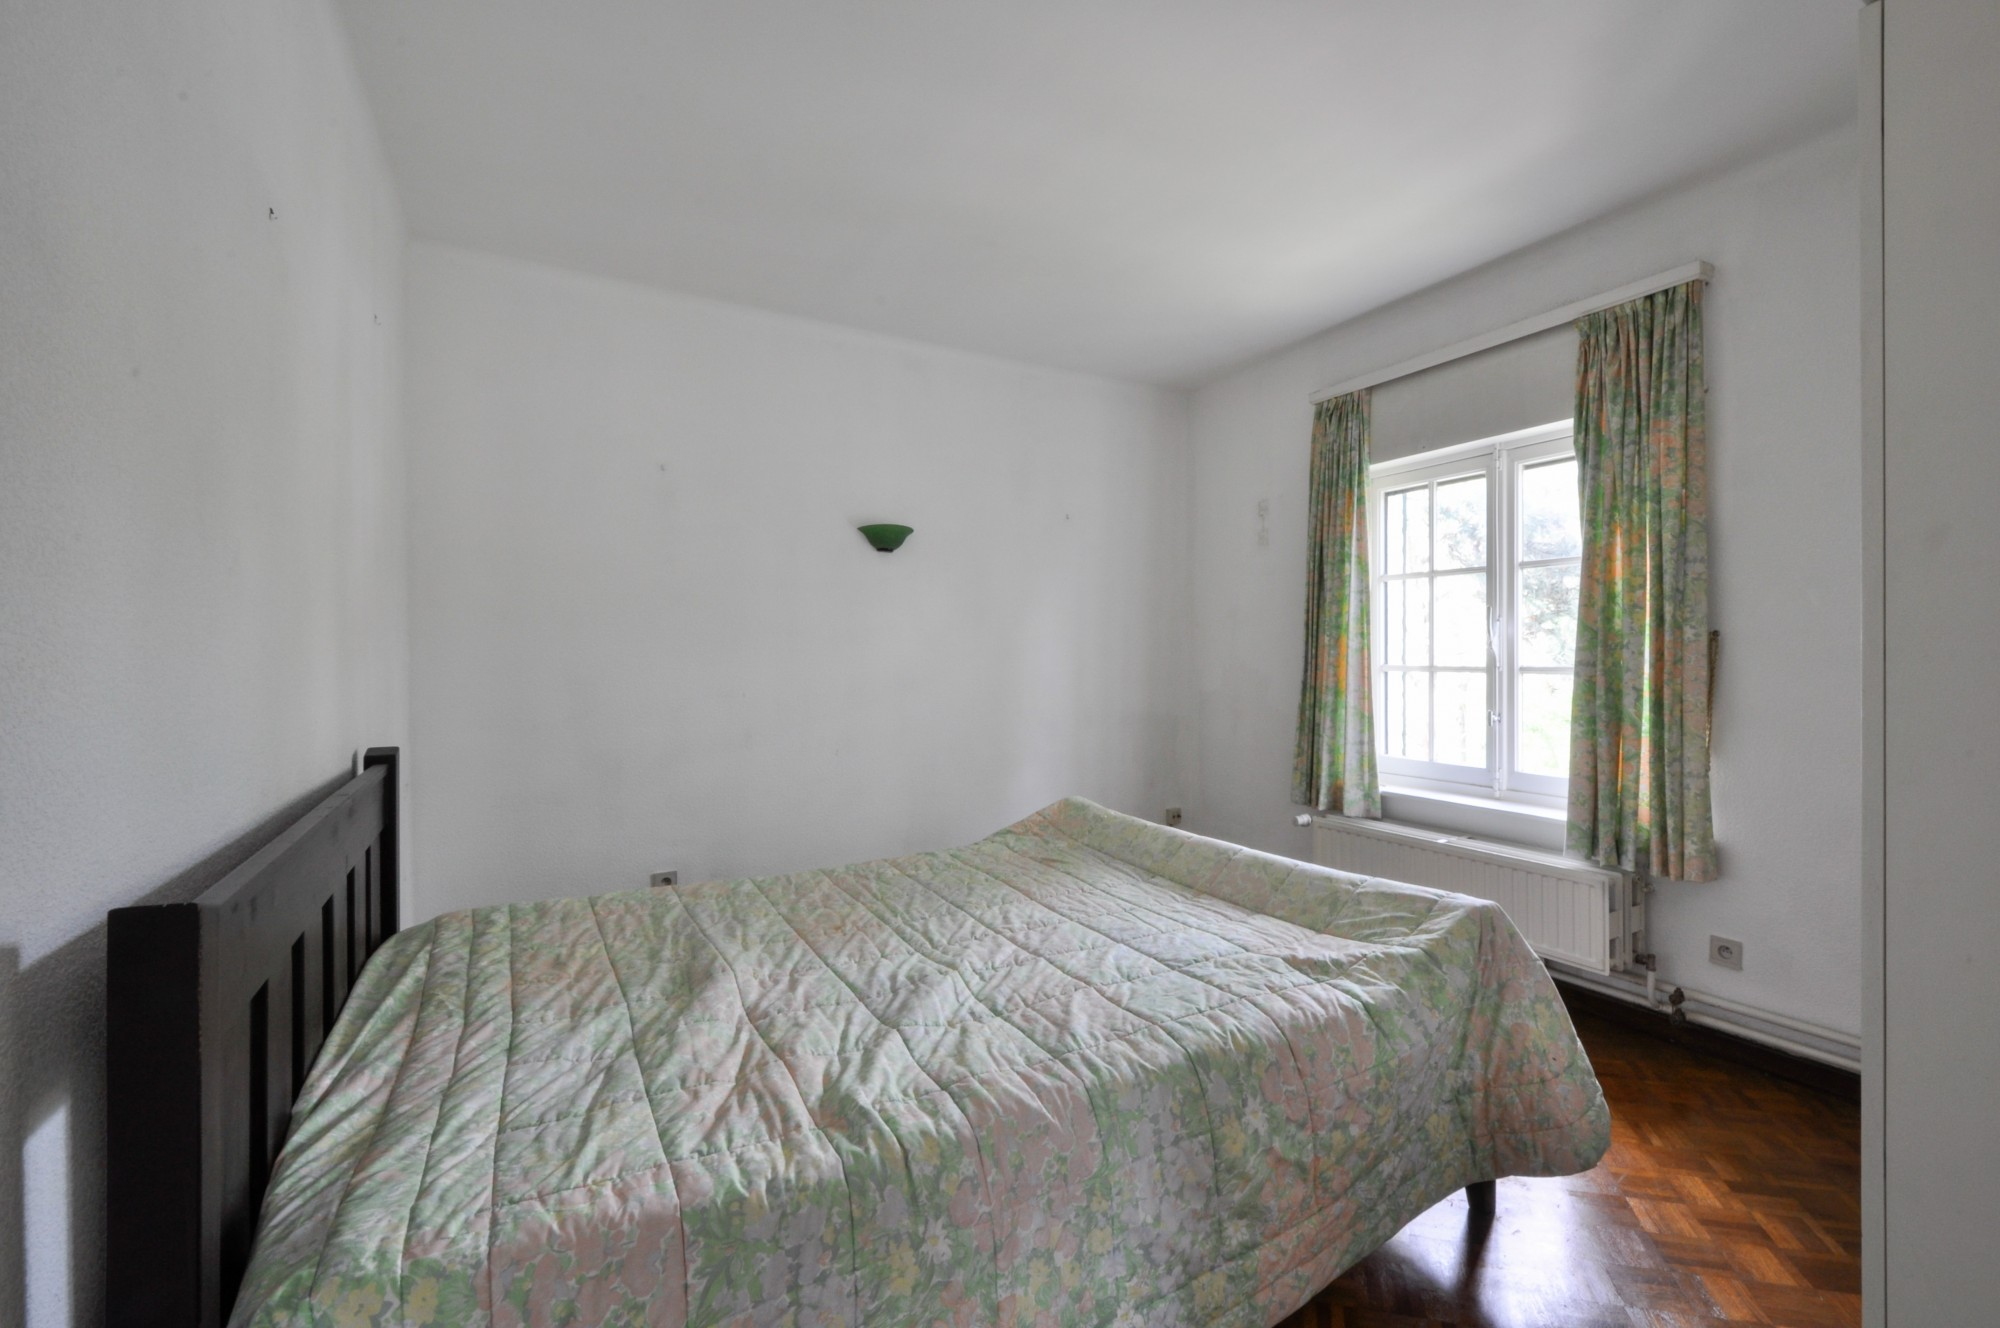 Vente Appartement 3 CH Knokke-Zoute - Appartement d'angle près de l'église des Pères Dominicains